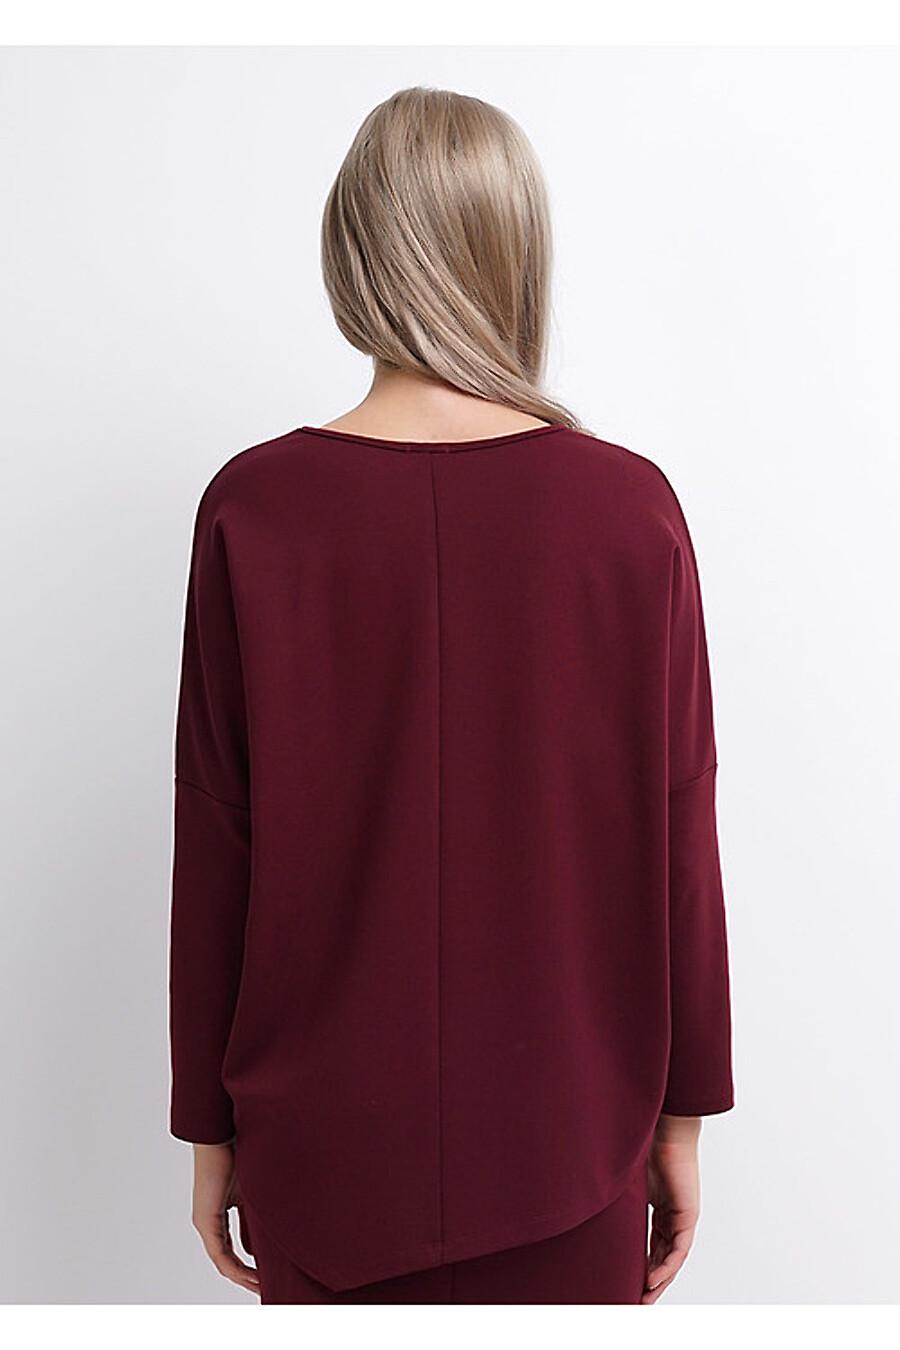 Джемпер для женщин CLEVER 159044 купить оптом от производителя. Совместная покупка женской одежды в OptMoyo